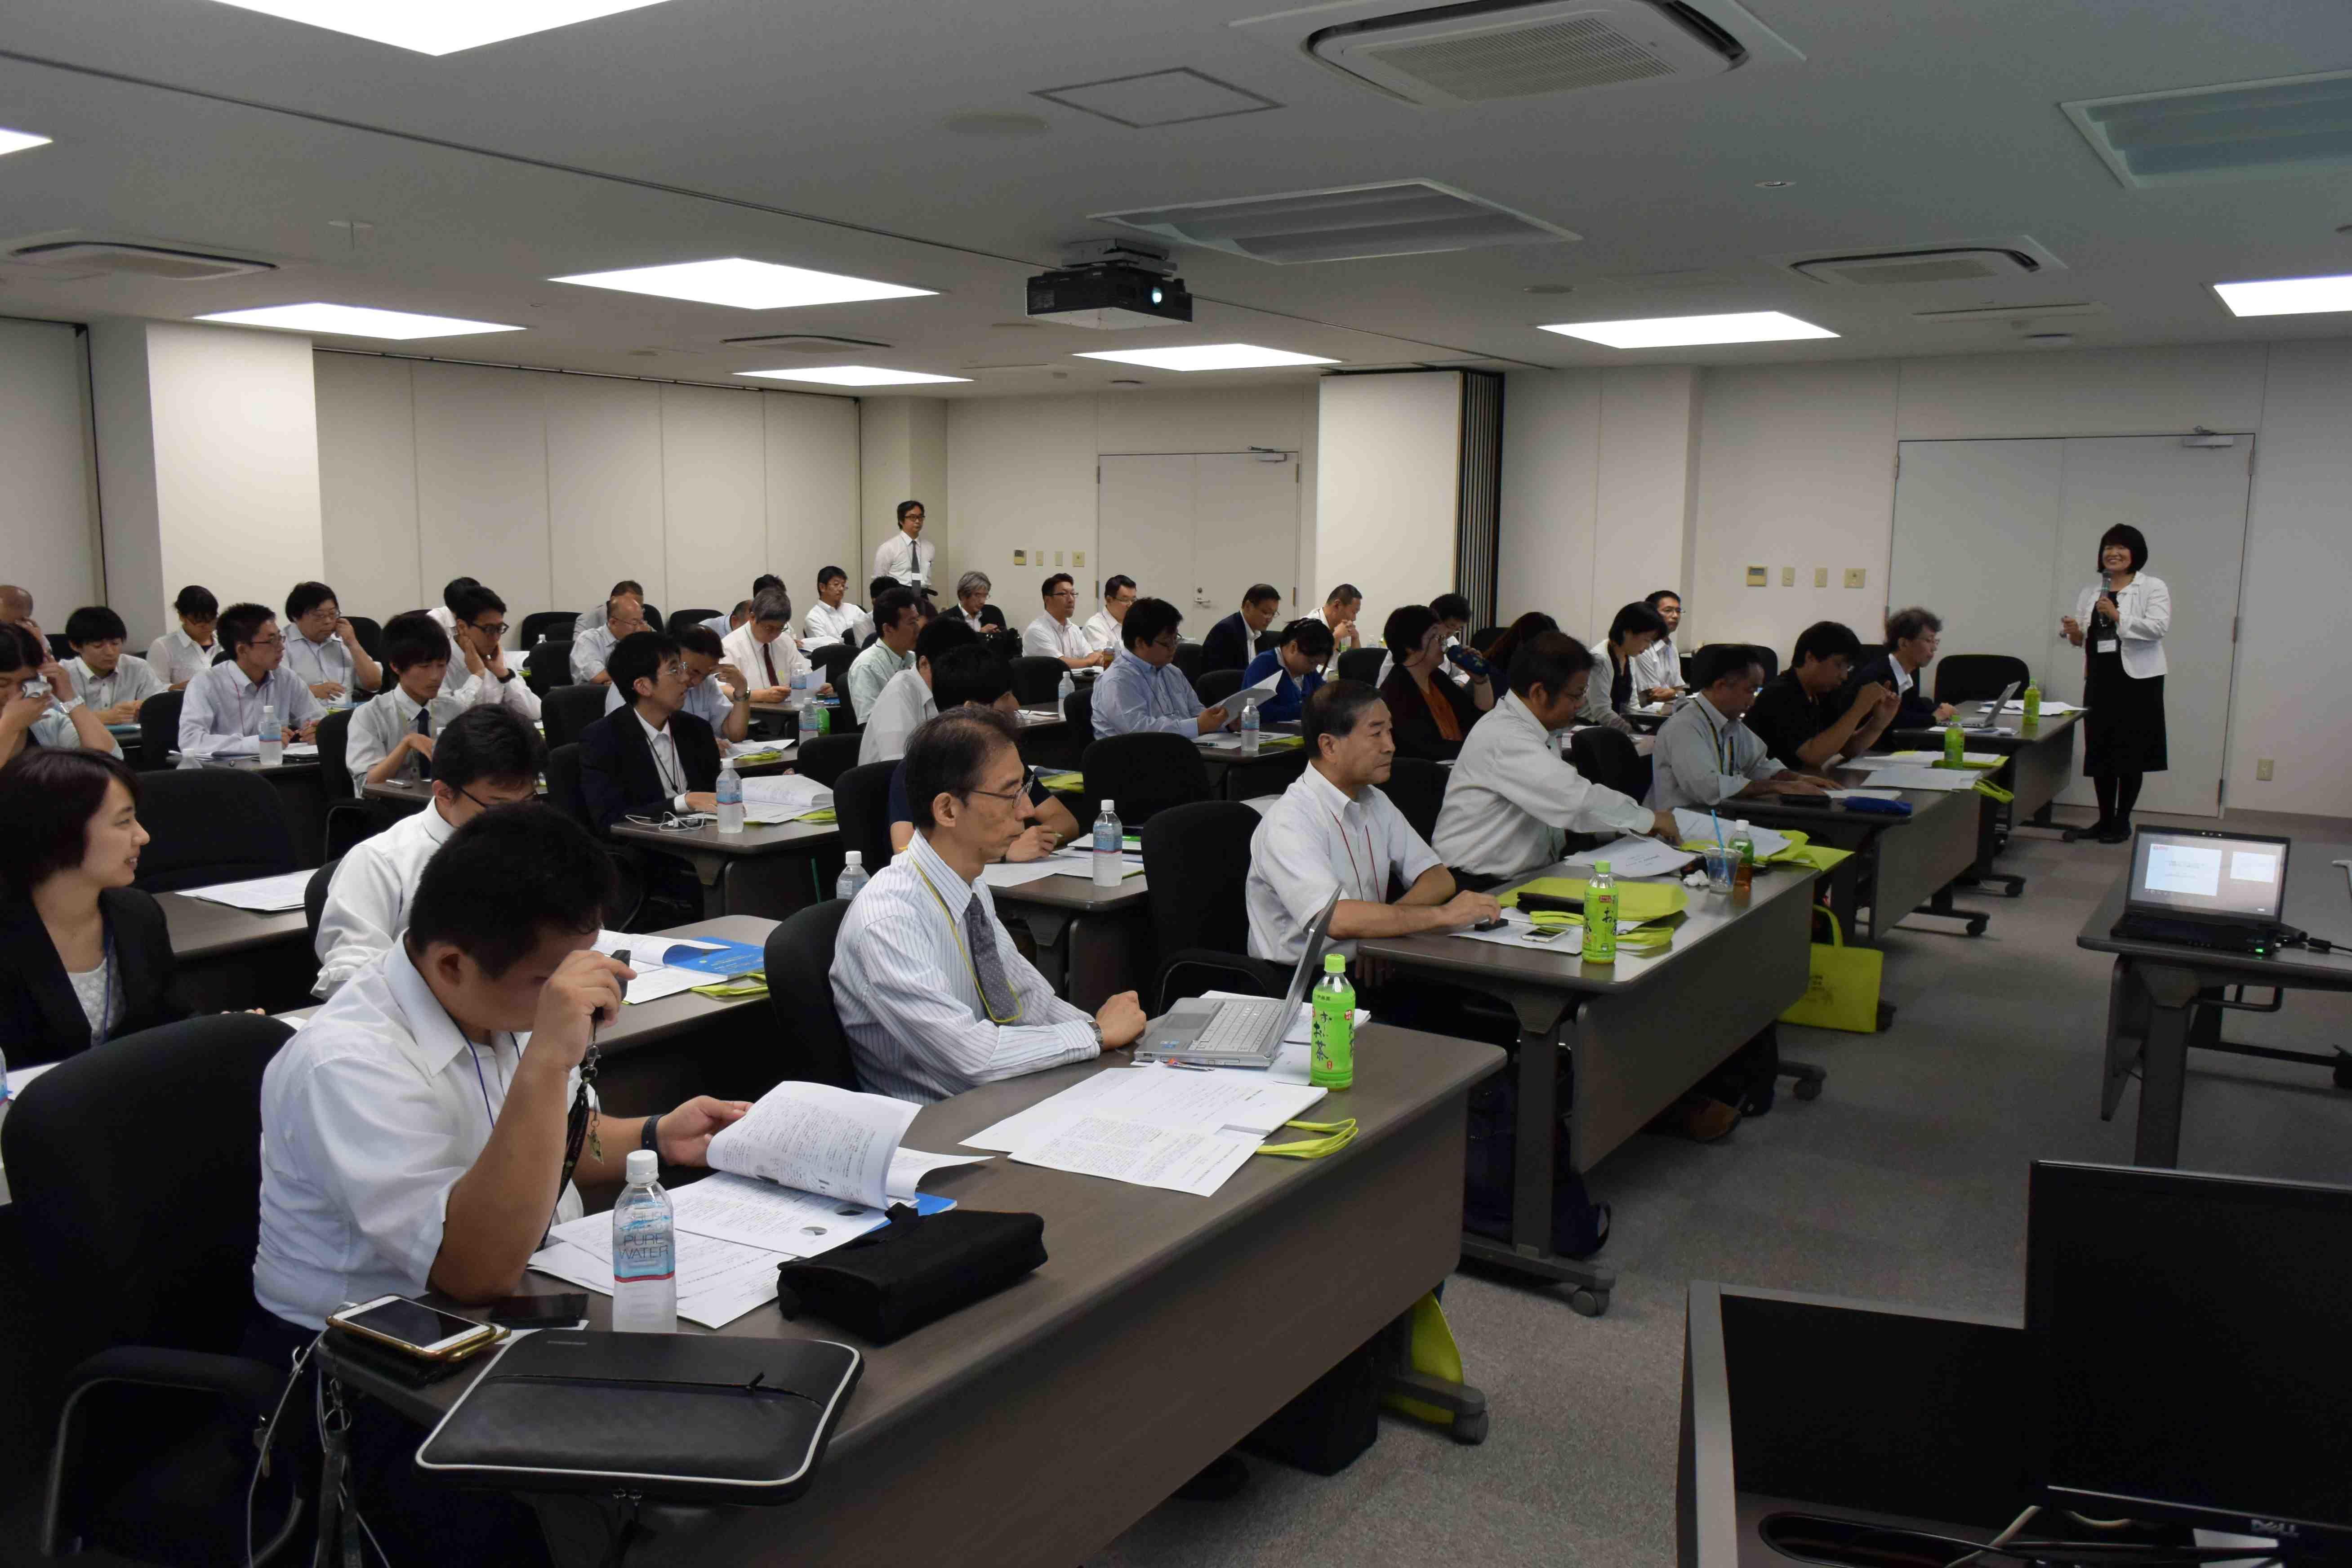 江戸川大学が7月29日に「第6回 情報教育研究会」を開催 -- 次世代を担う若者の情報社会での問題解決力の育成について